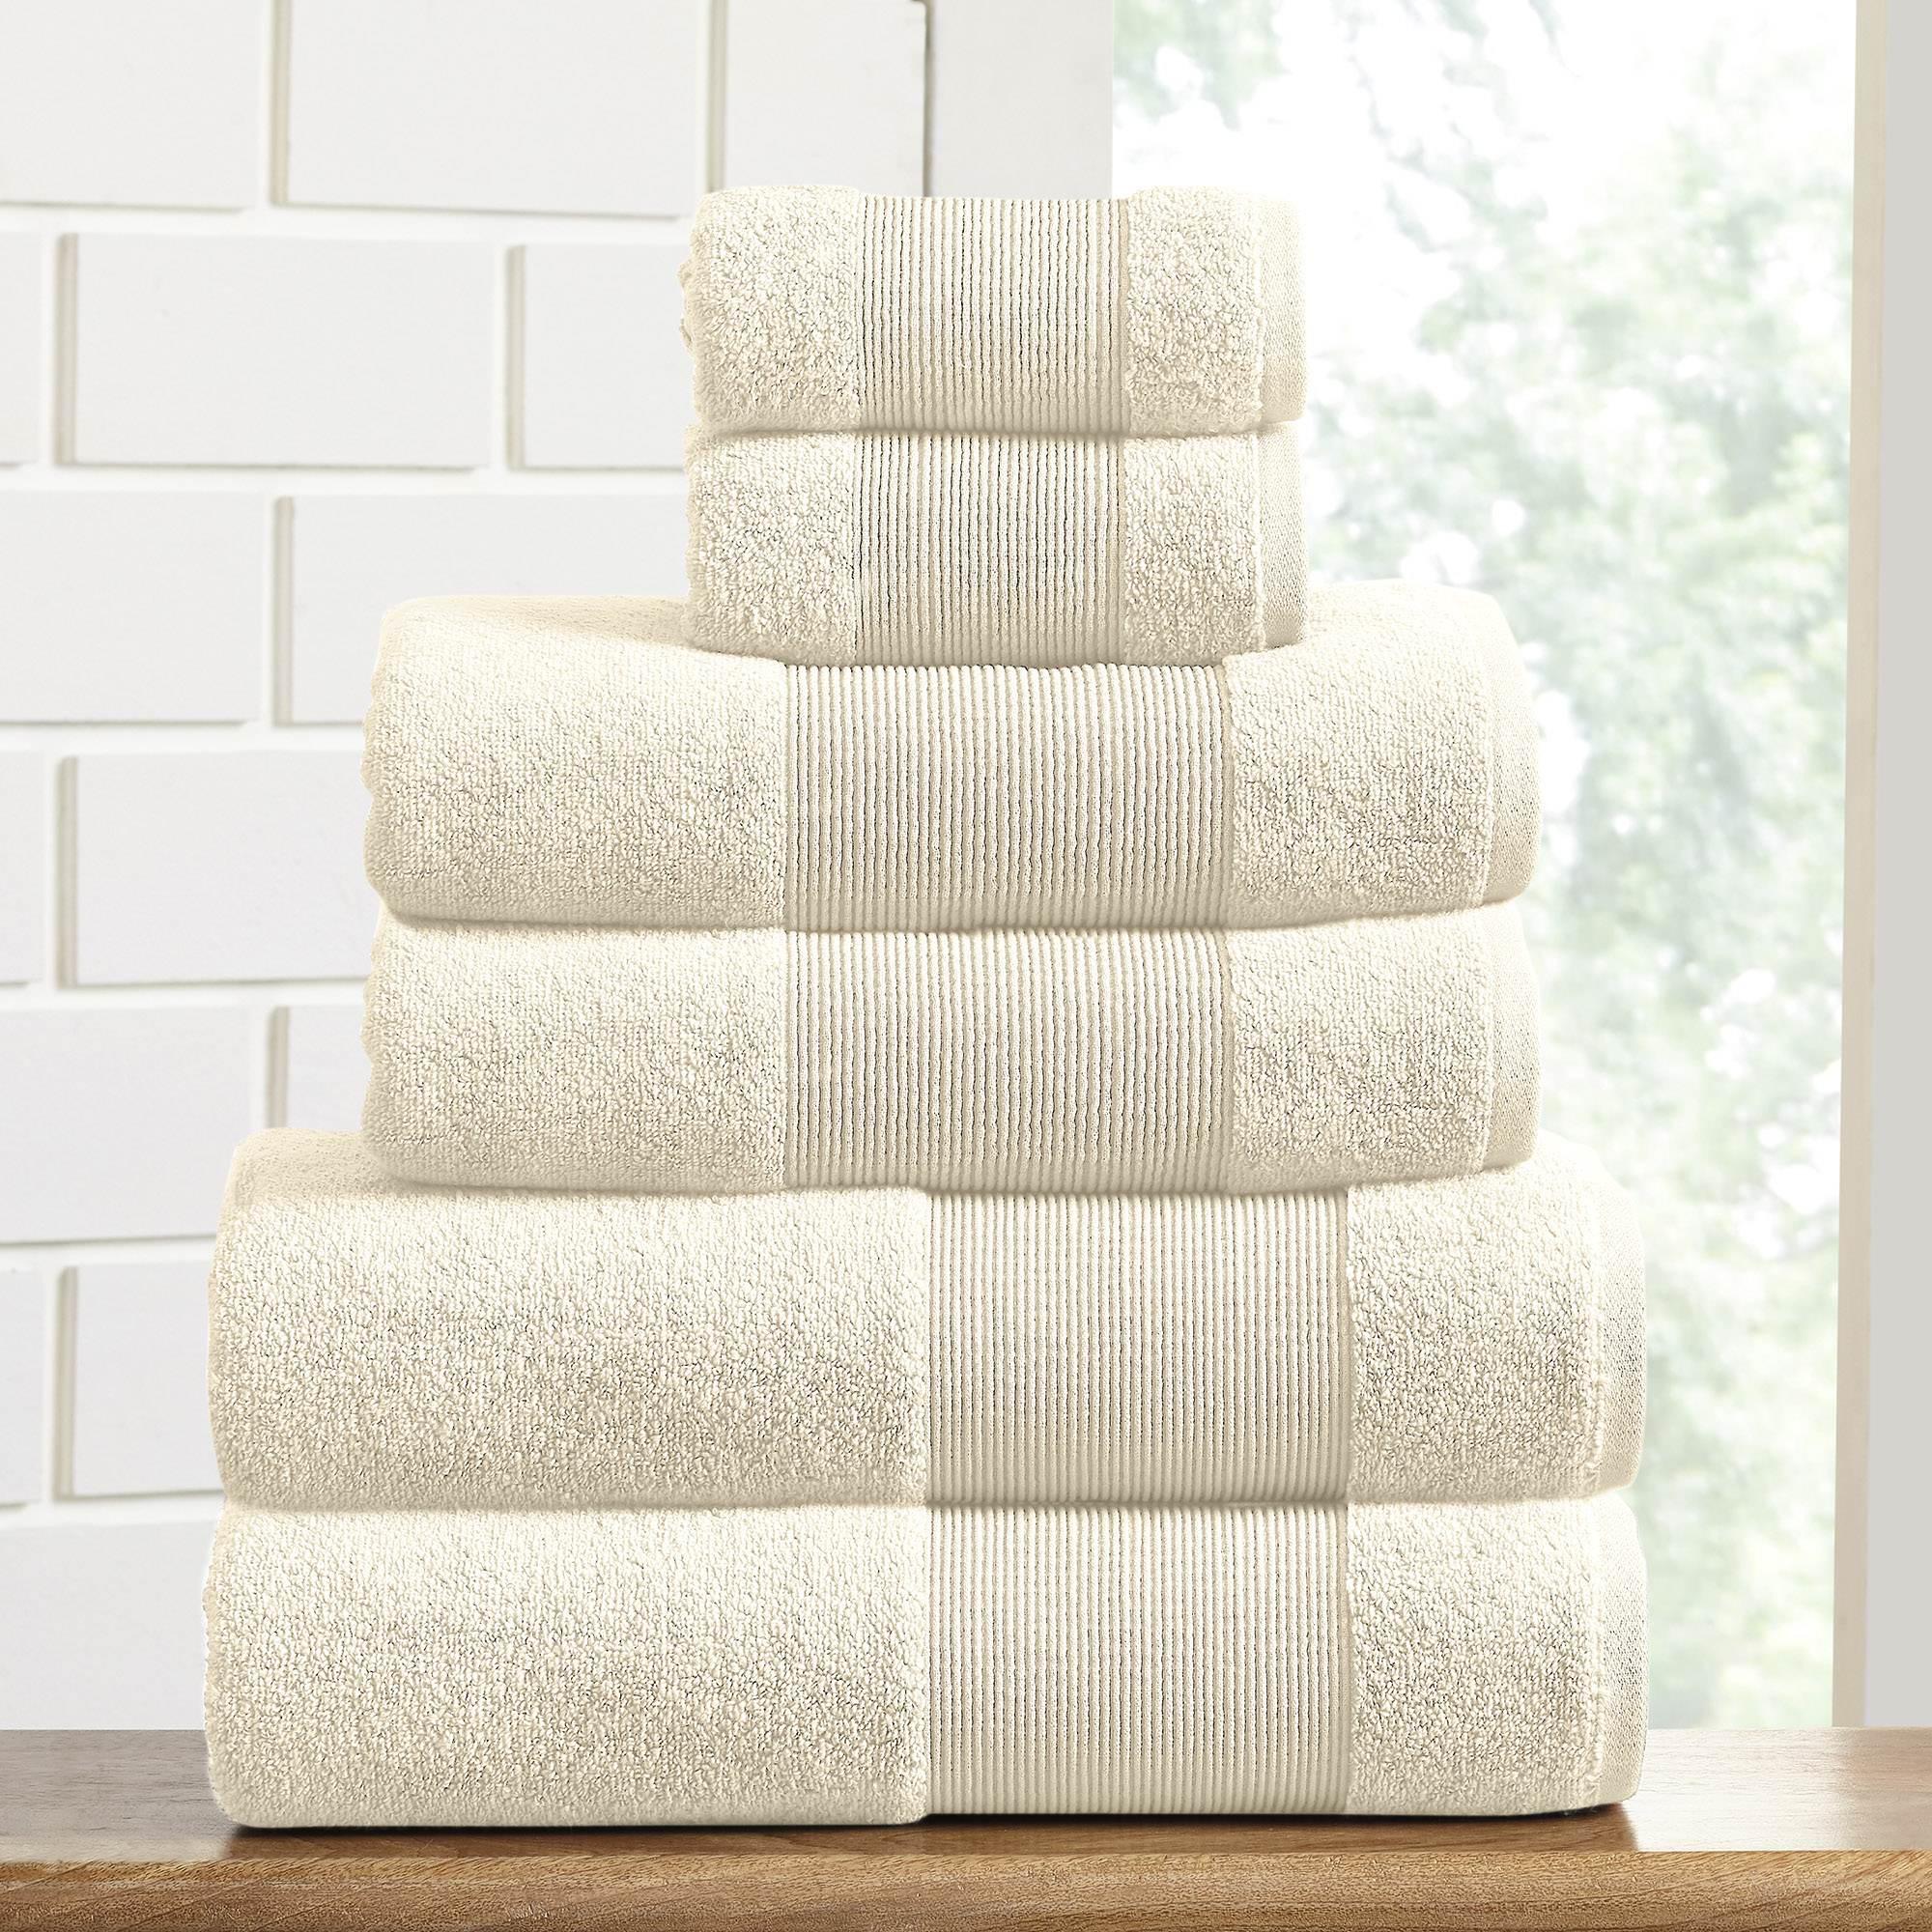 AirCloud 100% Cotton 6 Piece Luxury Towel Set